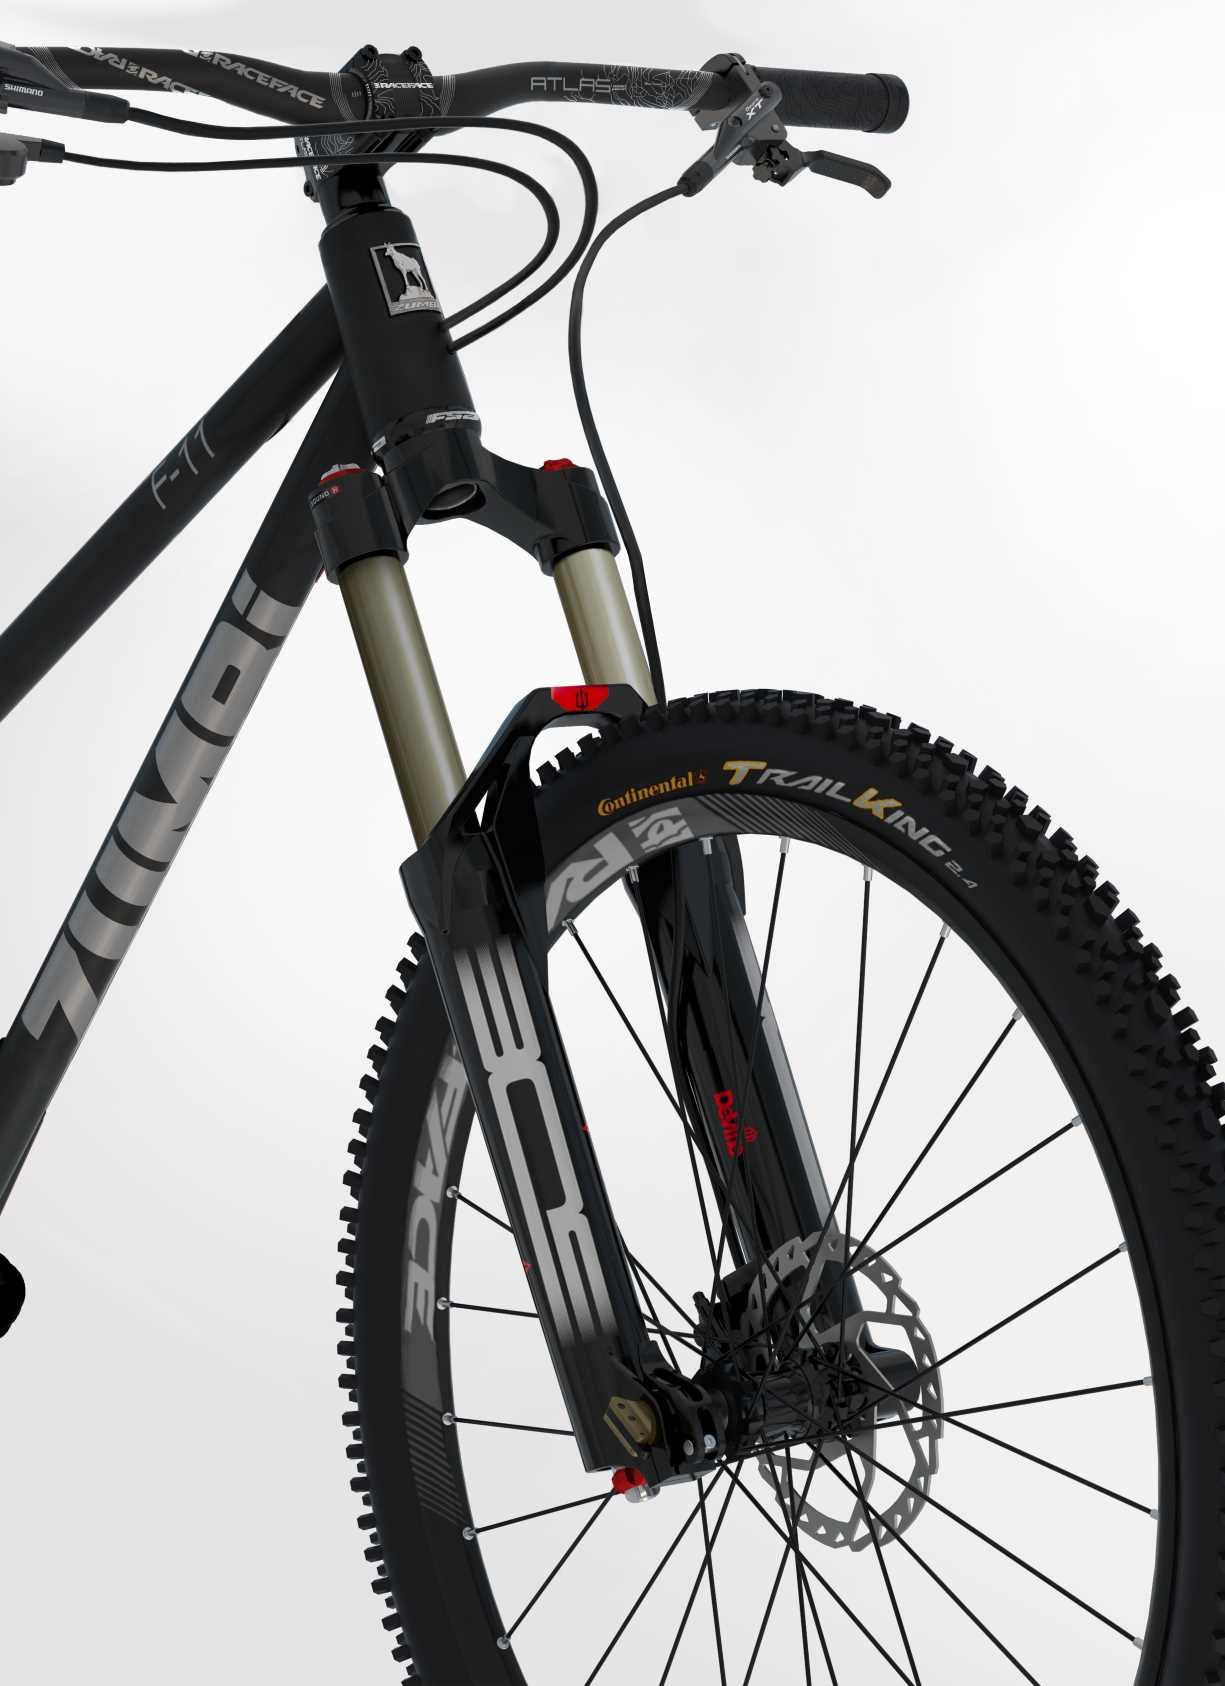 F11 zumbi cycles uk 3